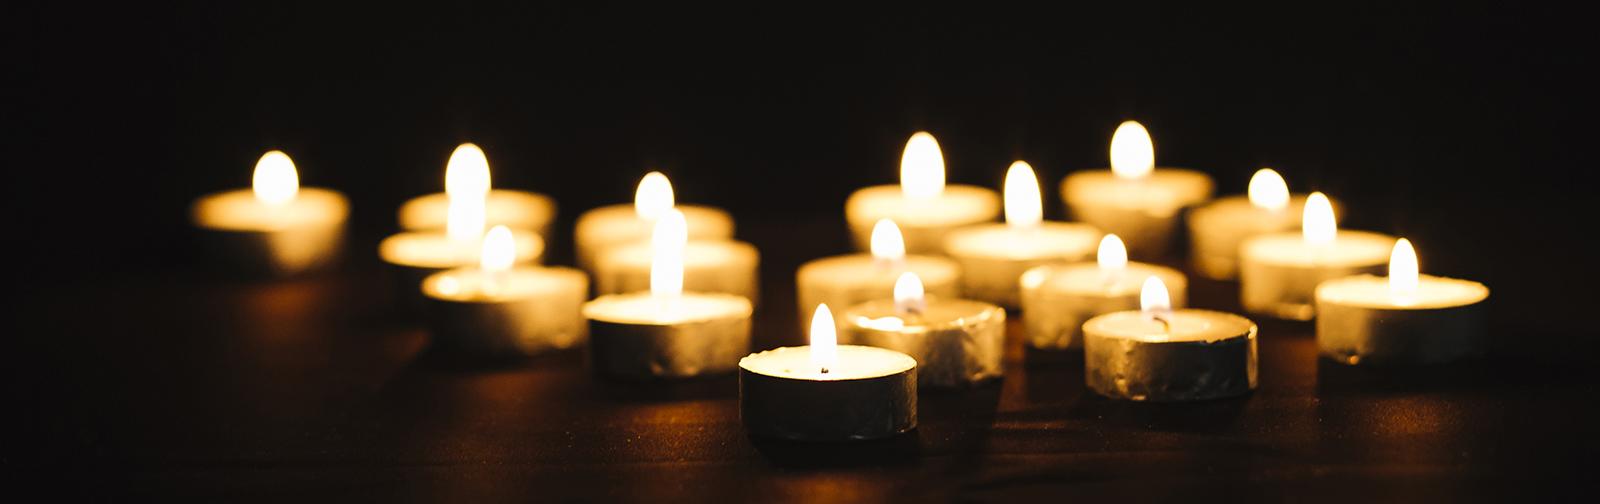 Акция «Свеча памяти». Участвуем всей страной!